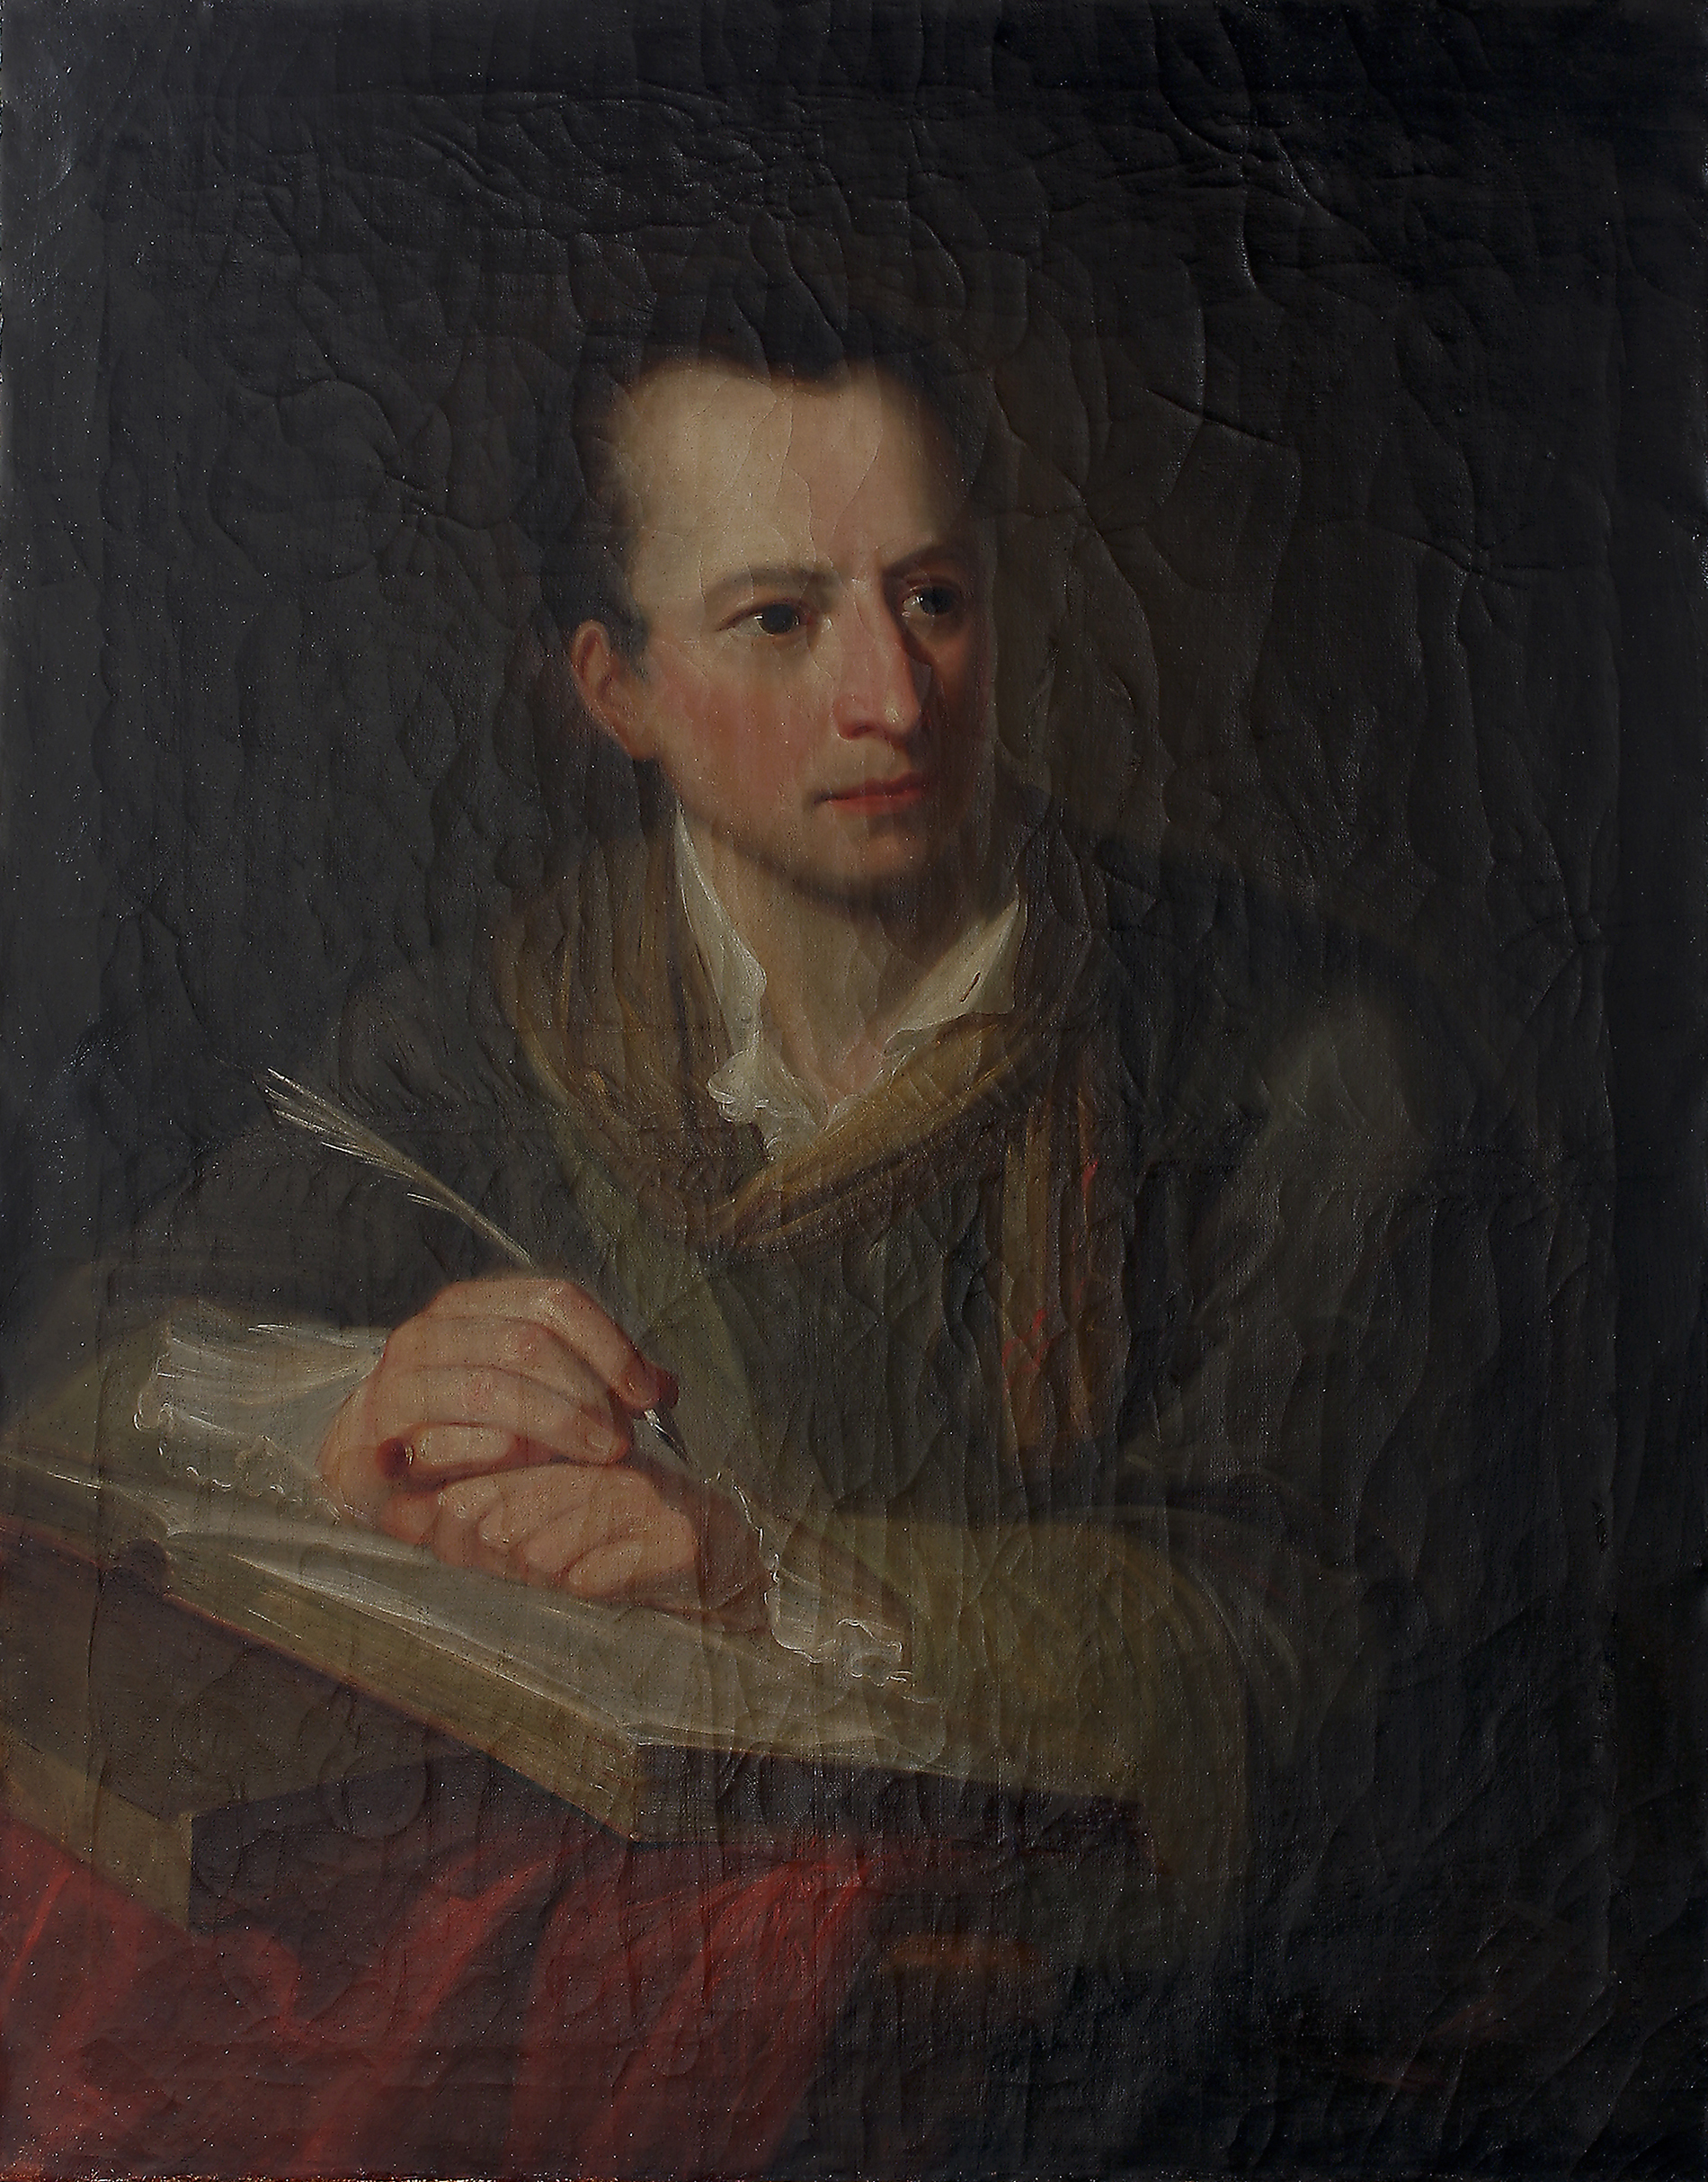 Atelier Angelika Kauffmann, Porträt von J.J. Winckelmann, 1764, Öl auf Leinwand, 81,5 x 62,5 cm, Kunsthaus Zürich